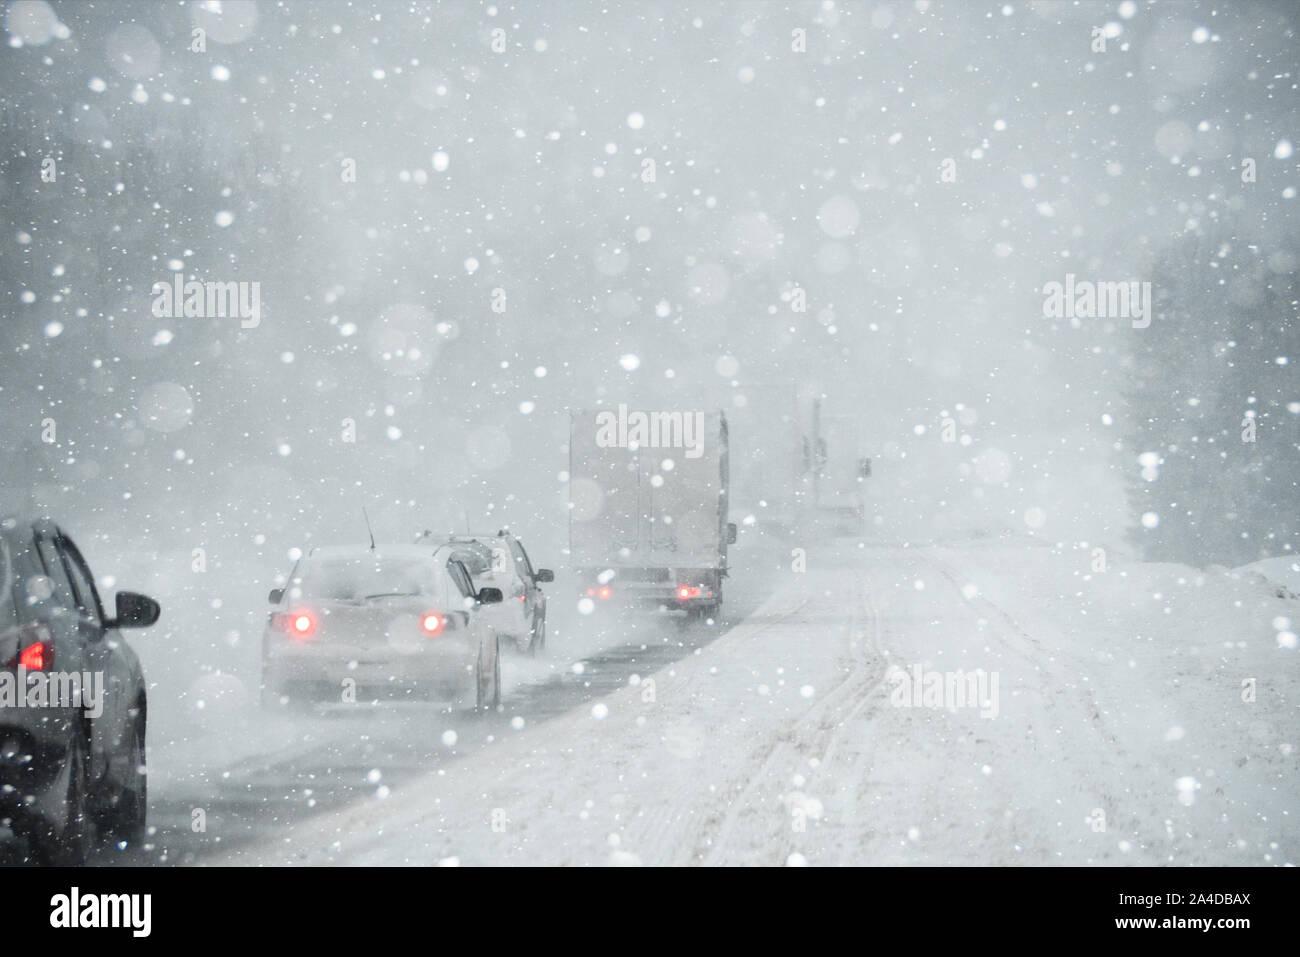 Él coche está circulando por una carretera de invierno en una ventisca Foto de stock